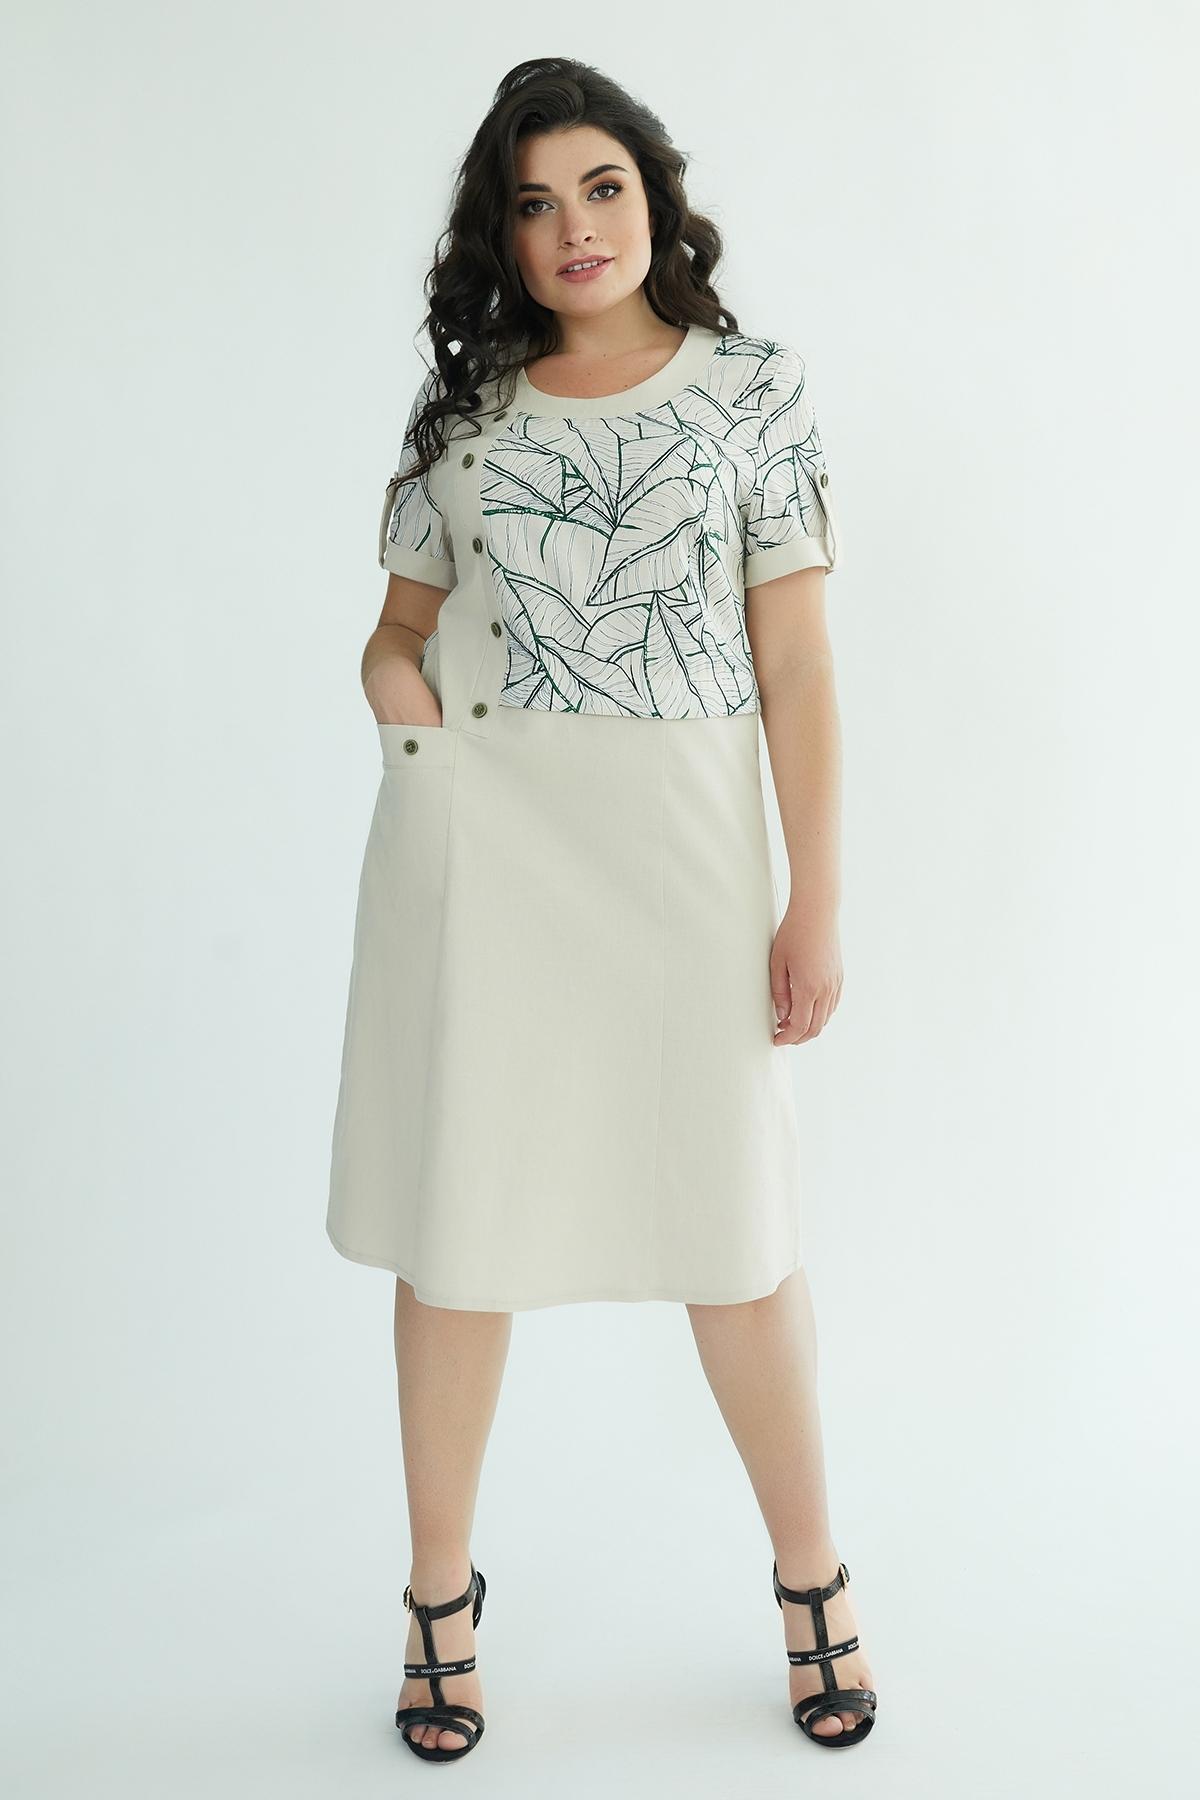 Сукня Кармеліта (Кармелита) (бежевий-зел.квіти)